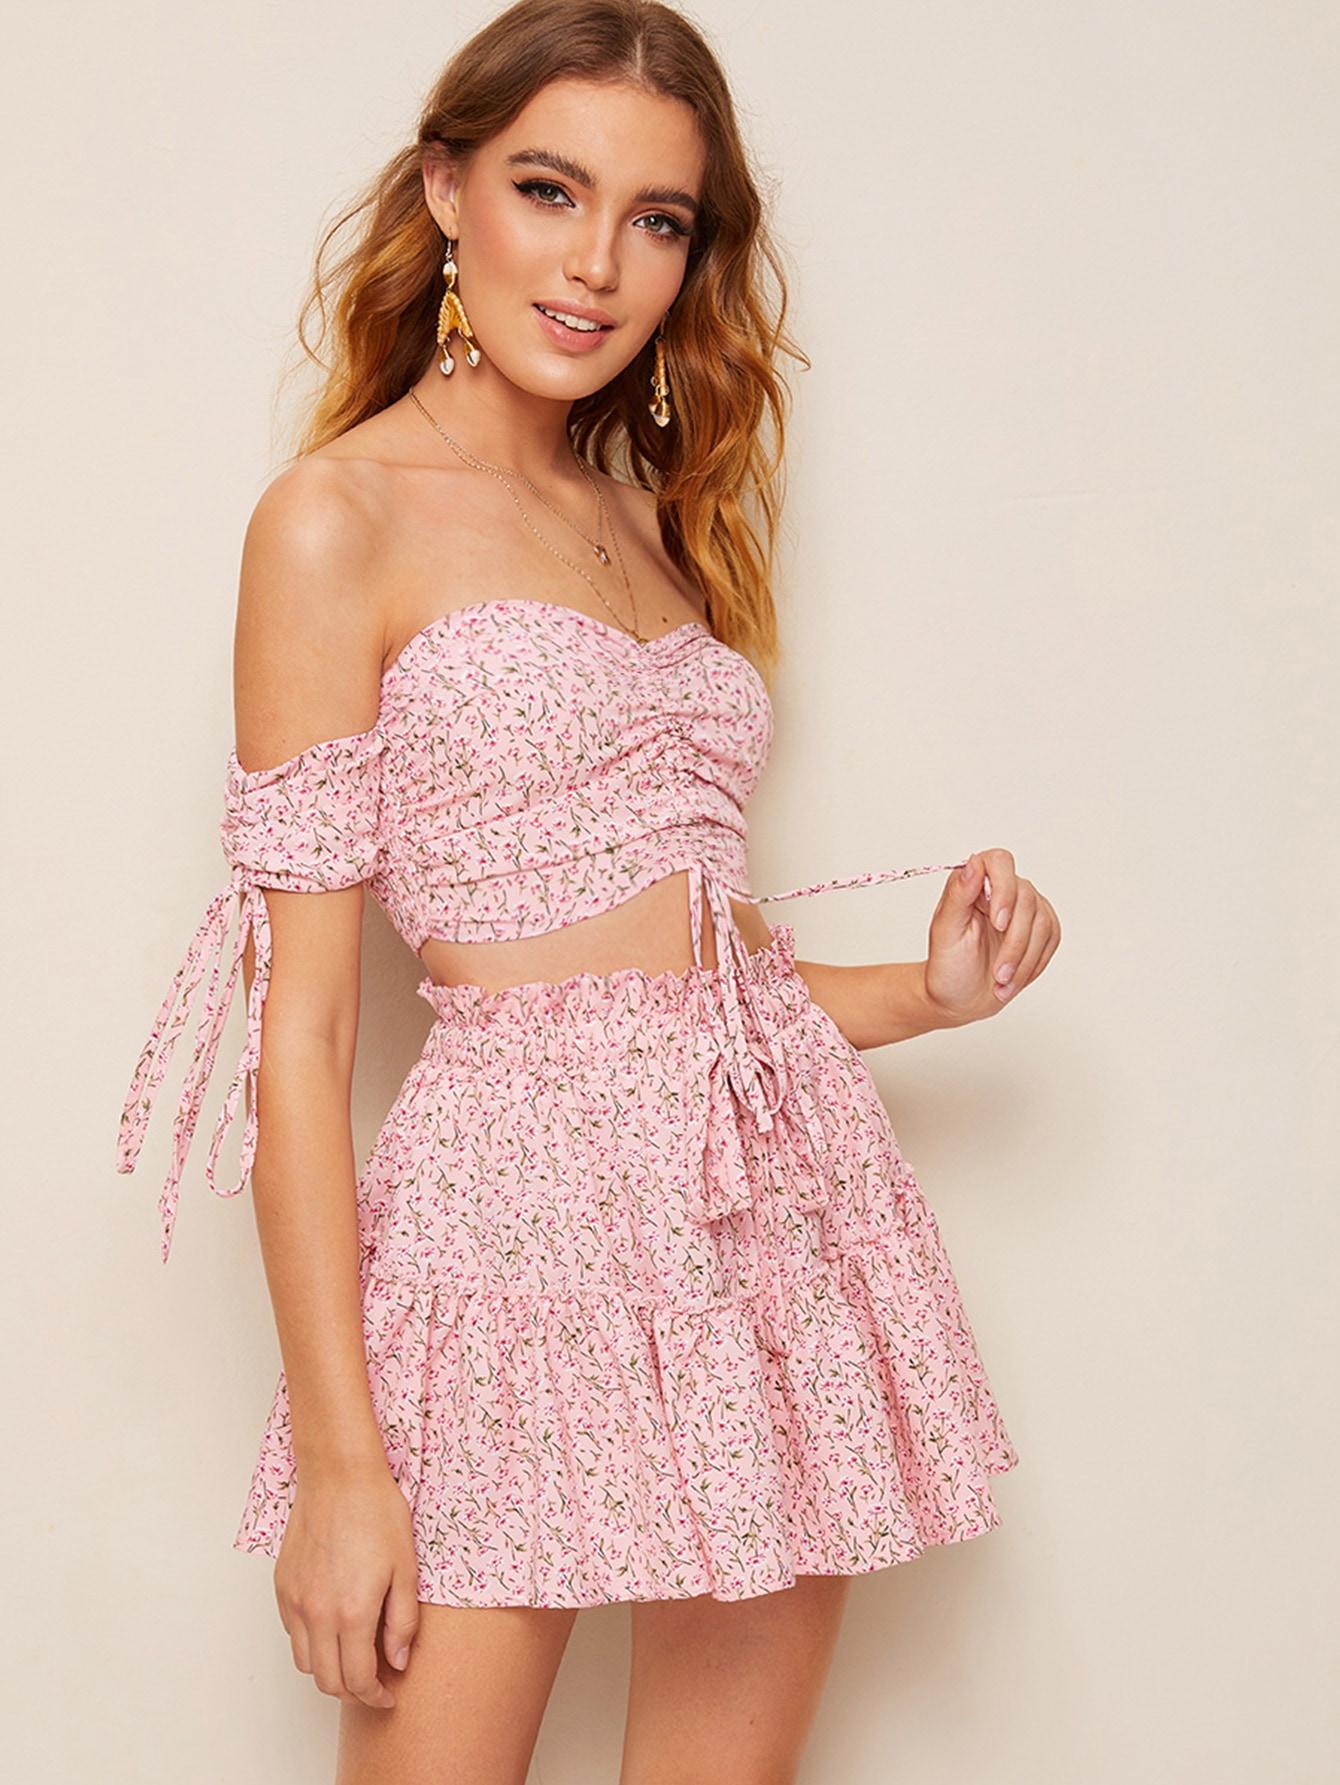 Фото - Топ с цветочным принтом и юбка с оборкой от SheIn розового цвета